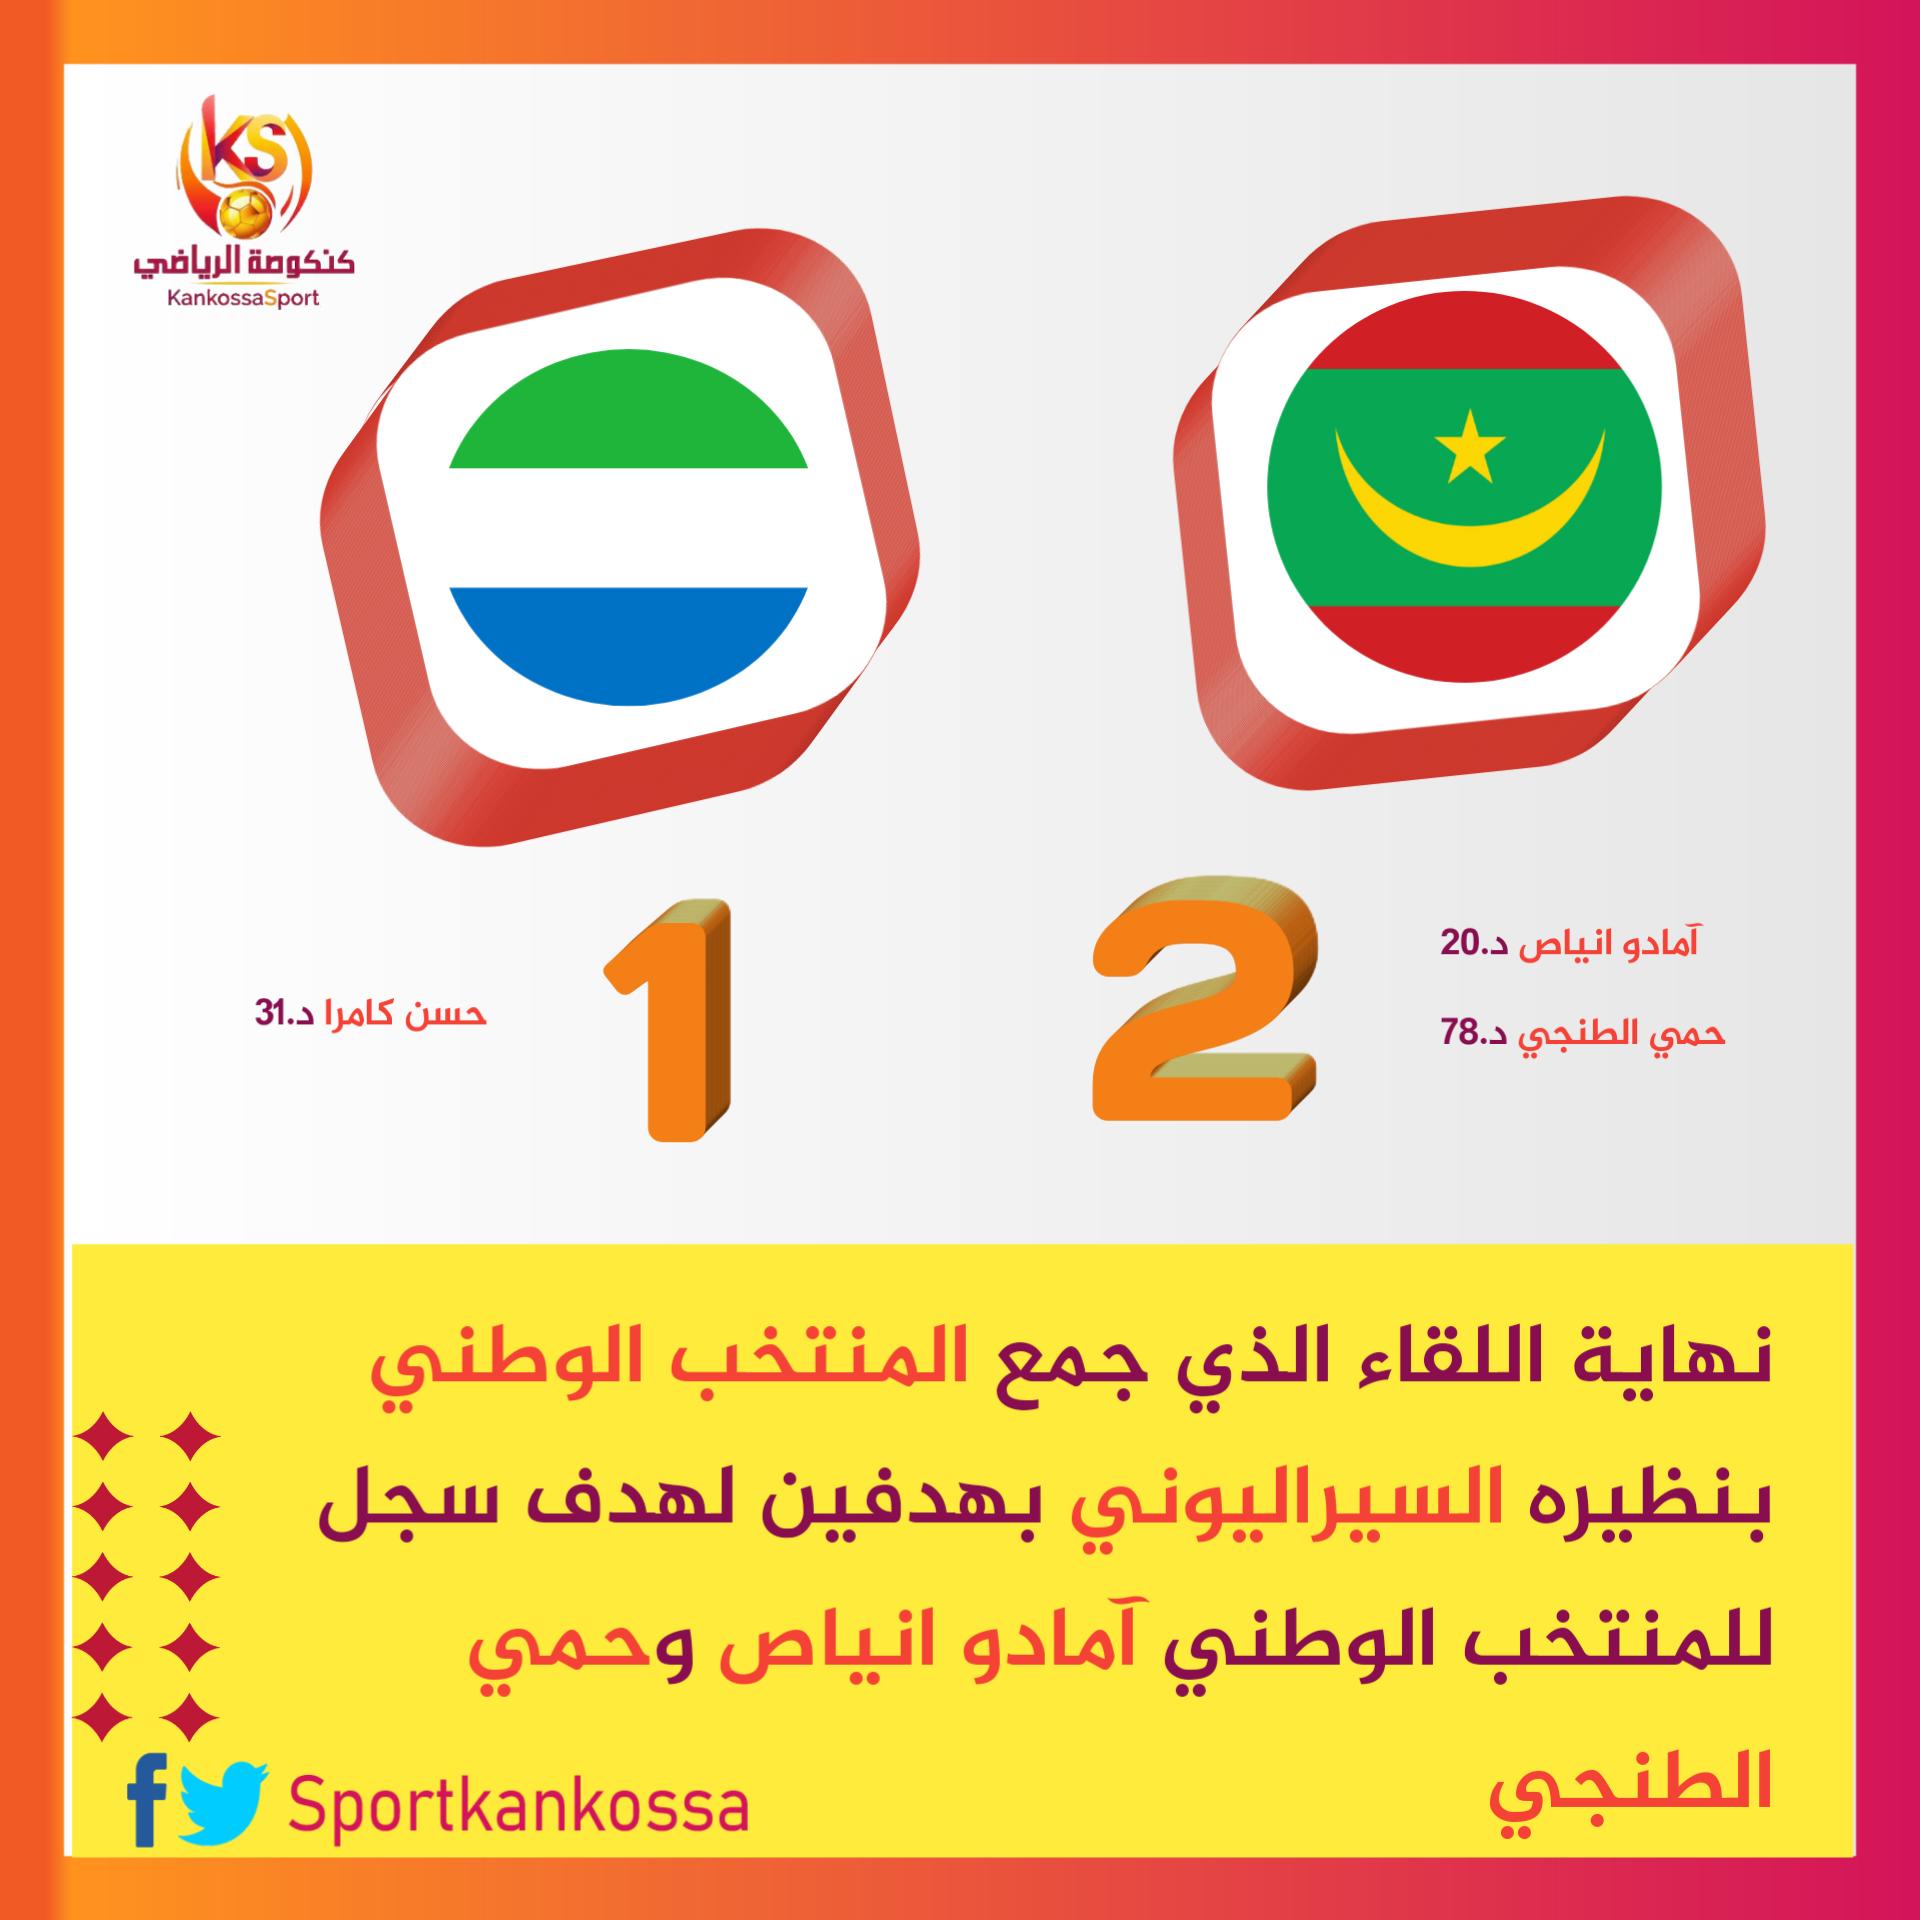 المنتخب الوطني يفوز على نظيره السيراليوني 2-1 (كنكوصة الرياضي)